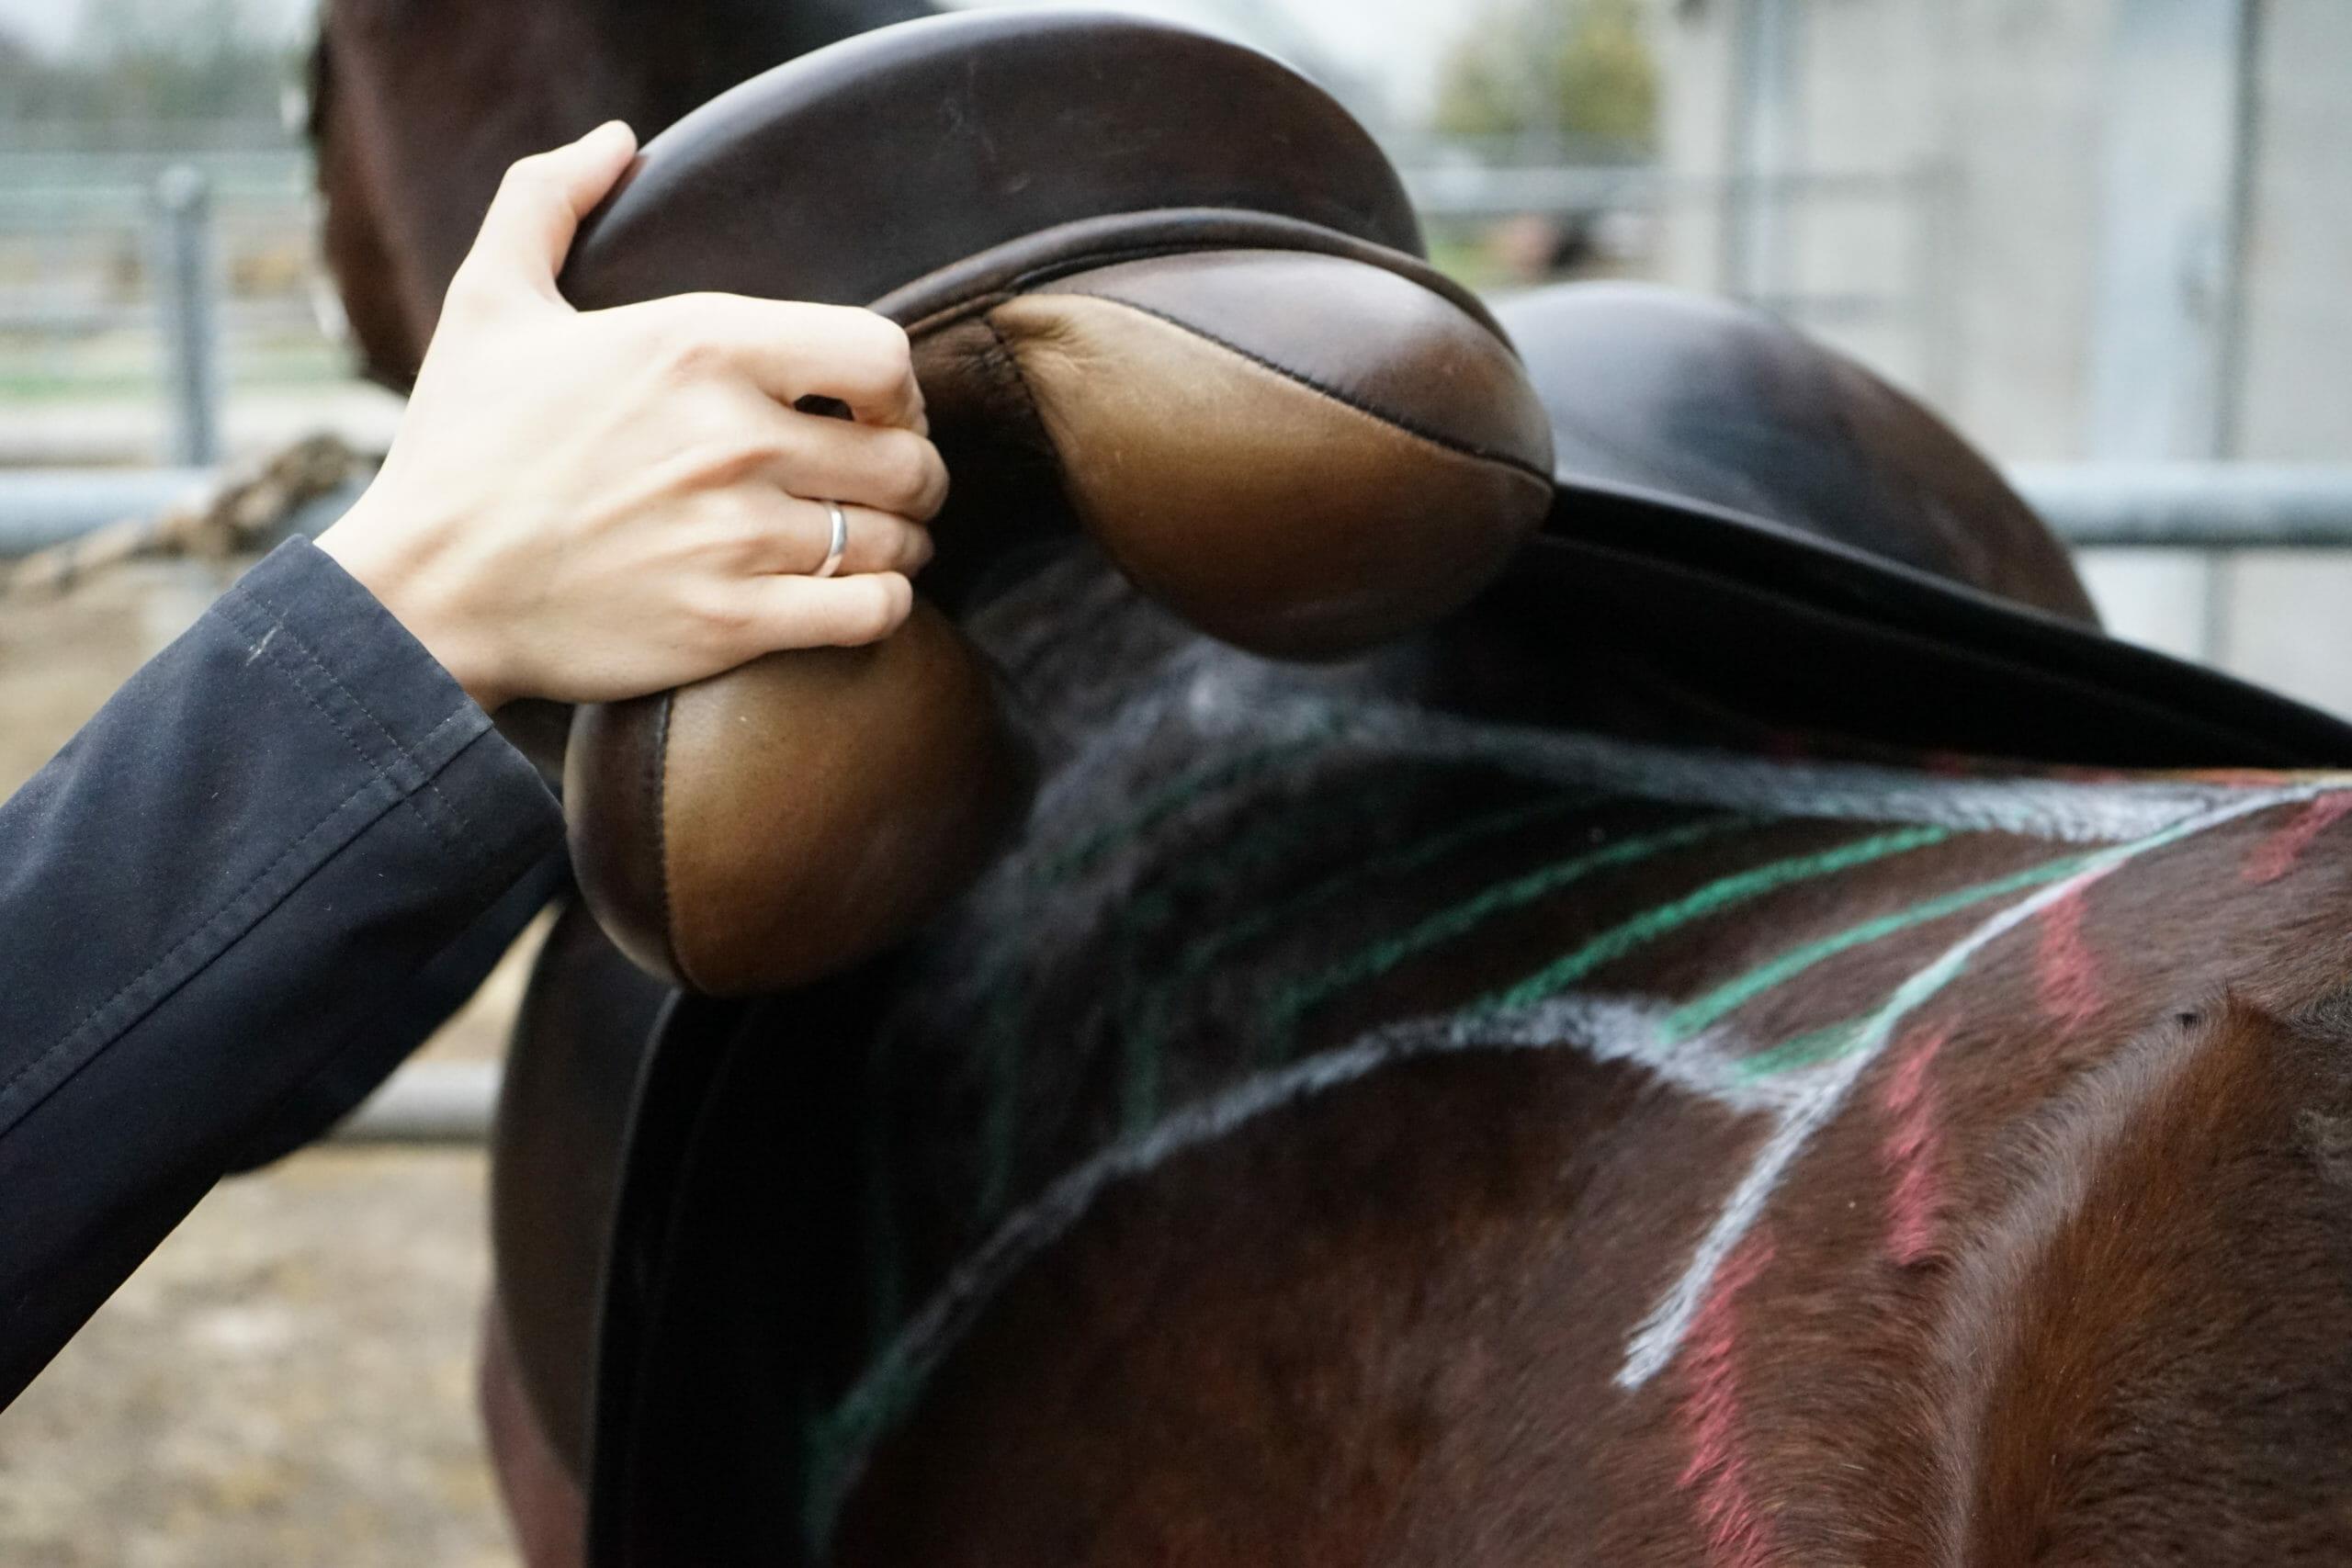 ilaria saddle service - saddle fitting